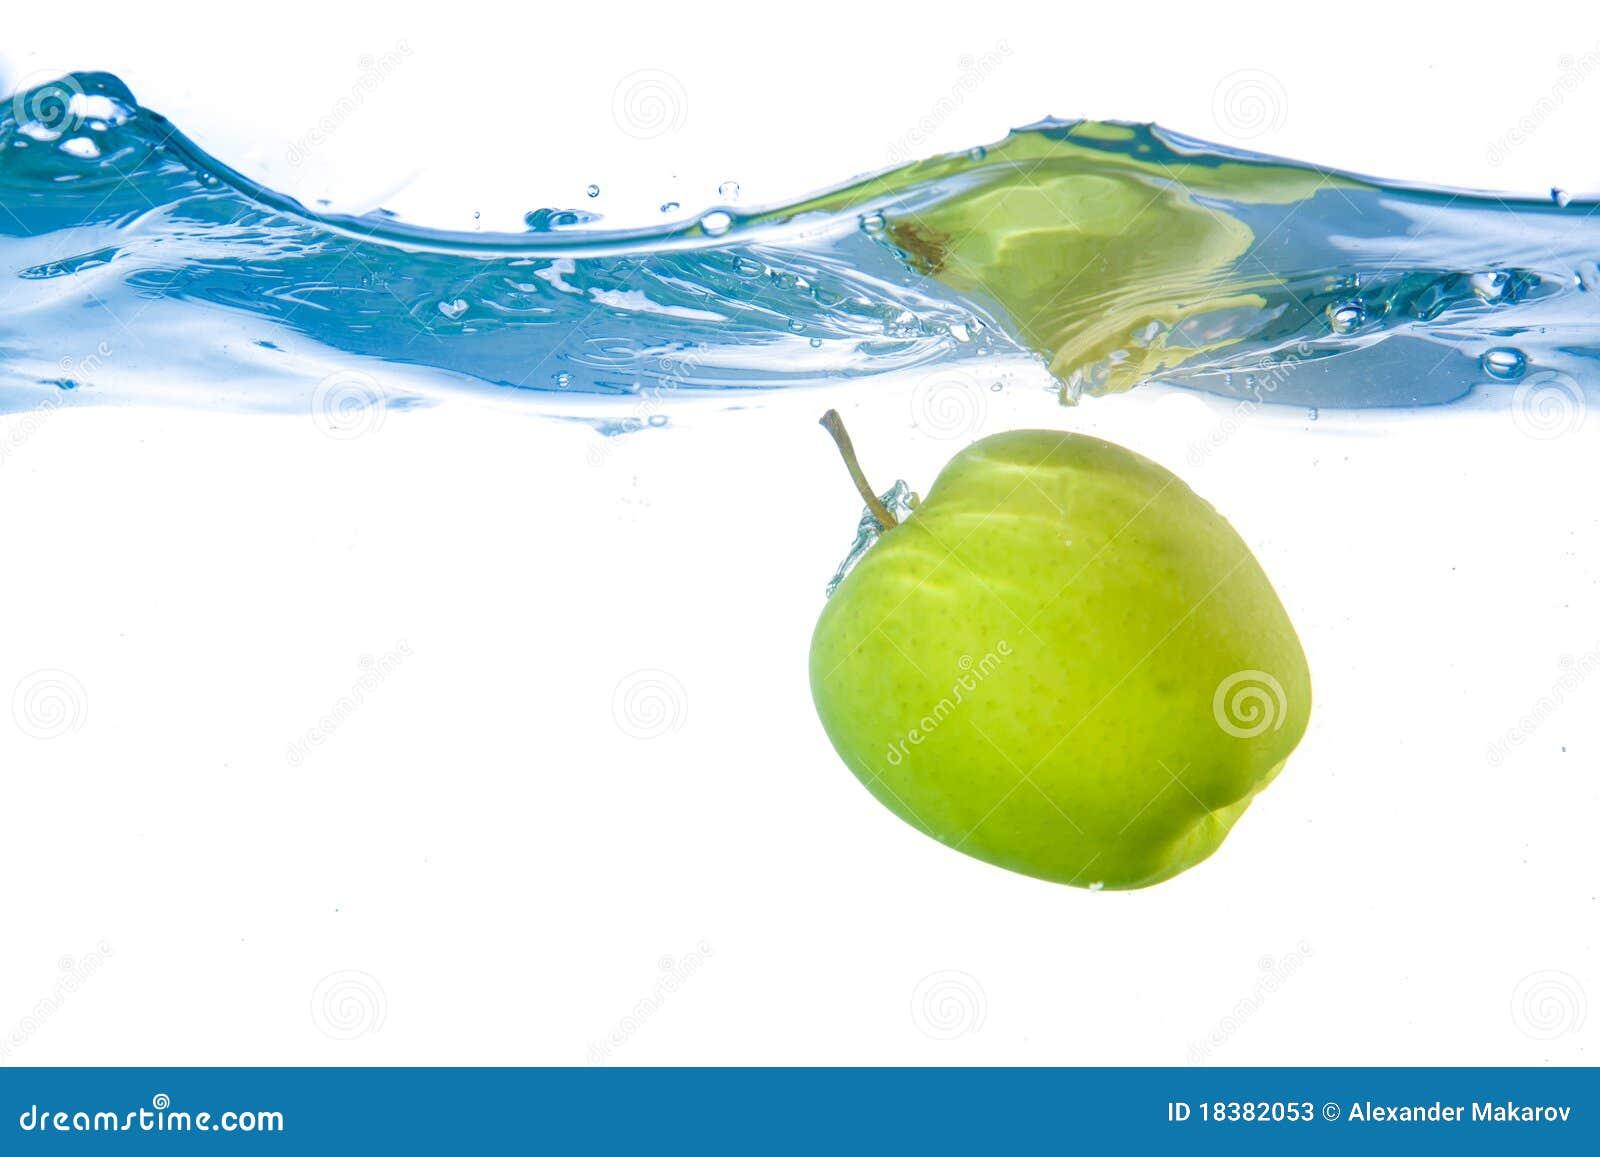 конец яблока понизился вверх по воде